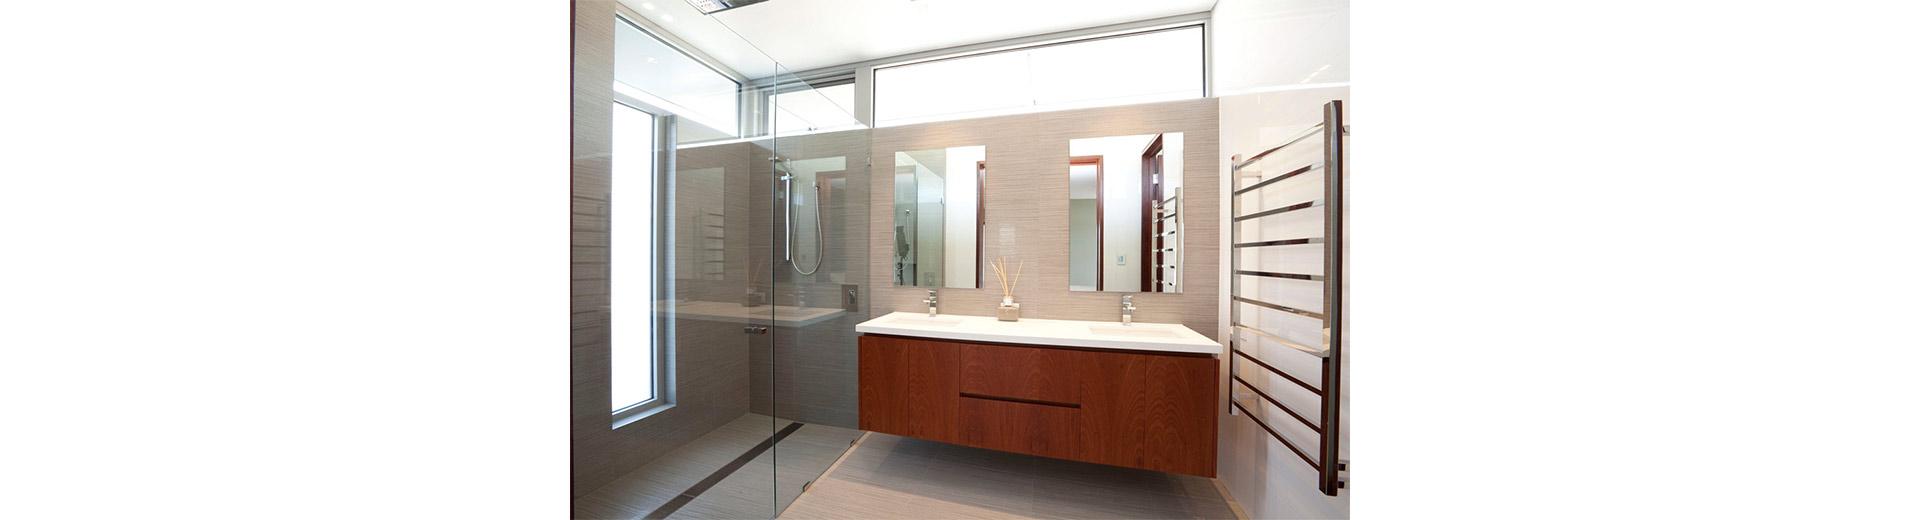 Slides-bathroom1